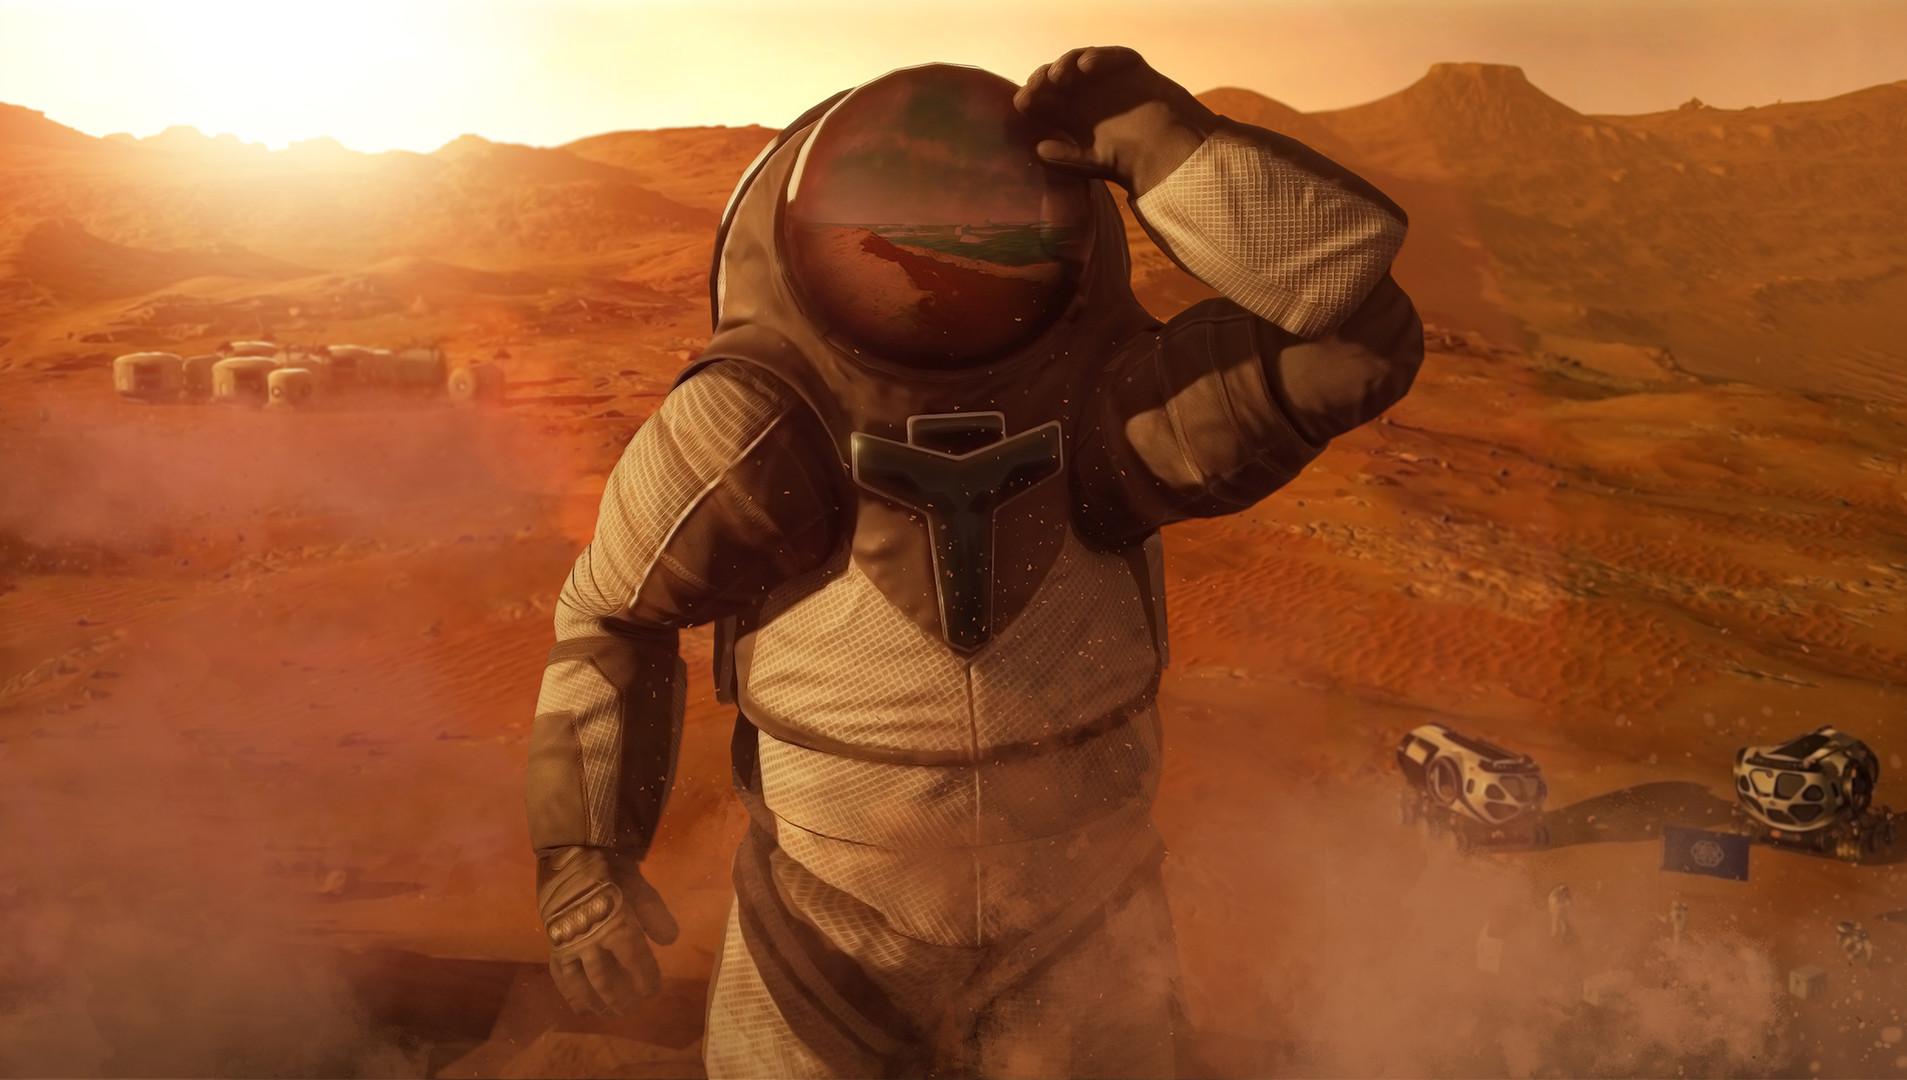 Mars 2030 ekran görüntüsü